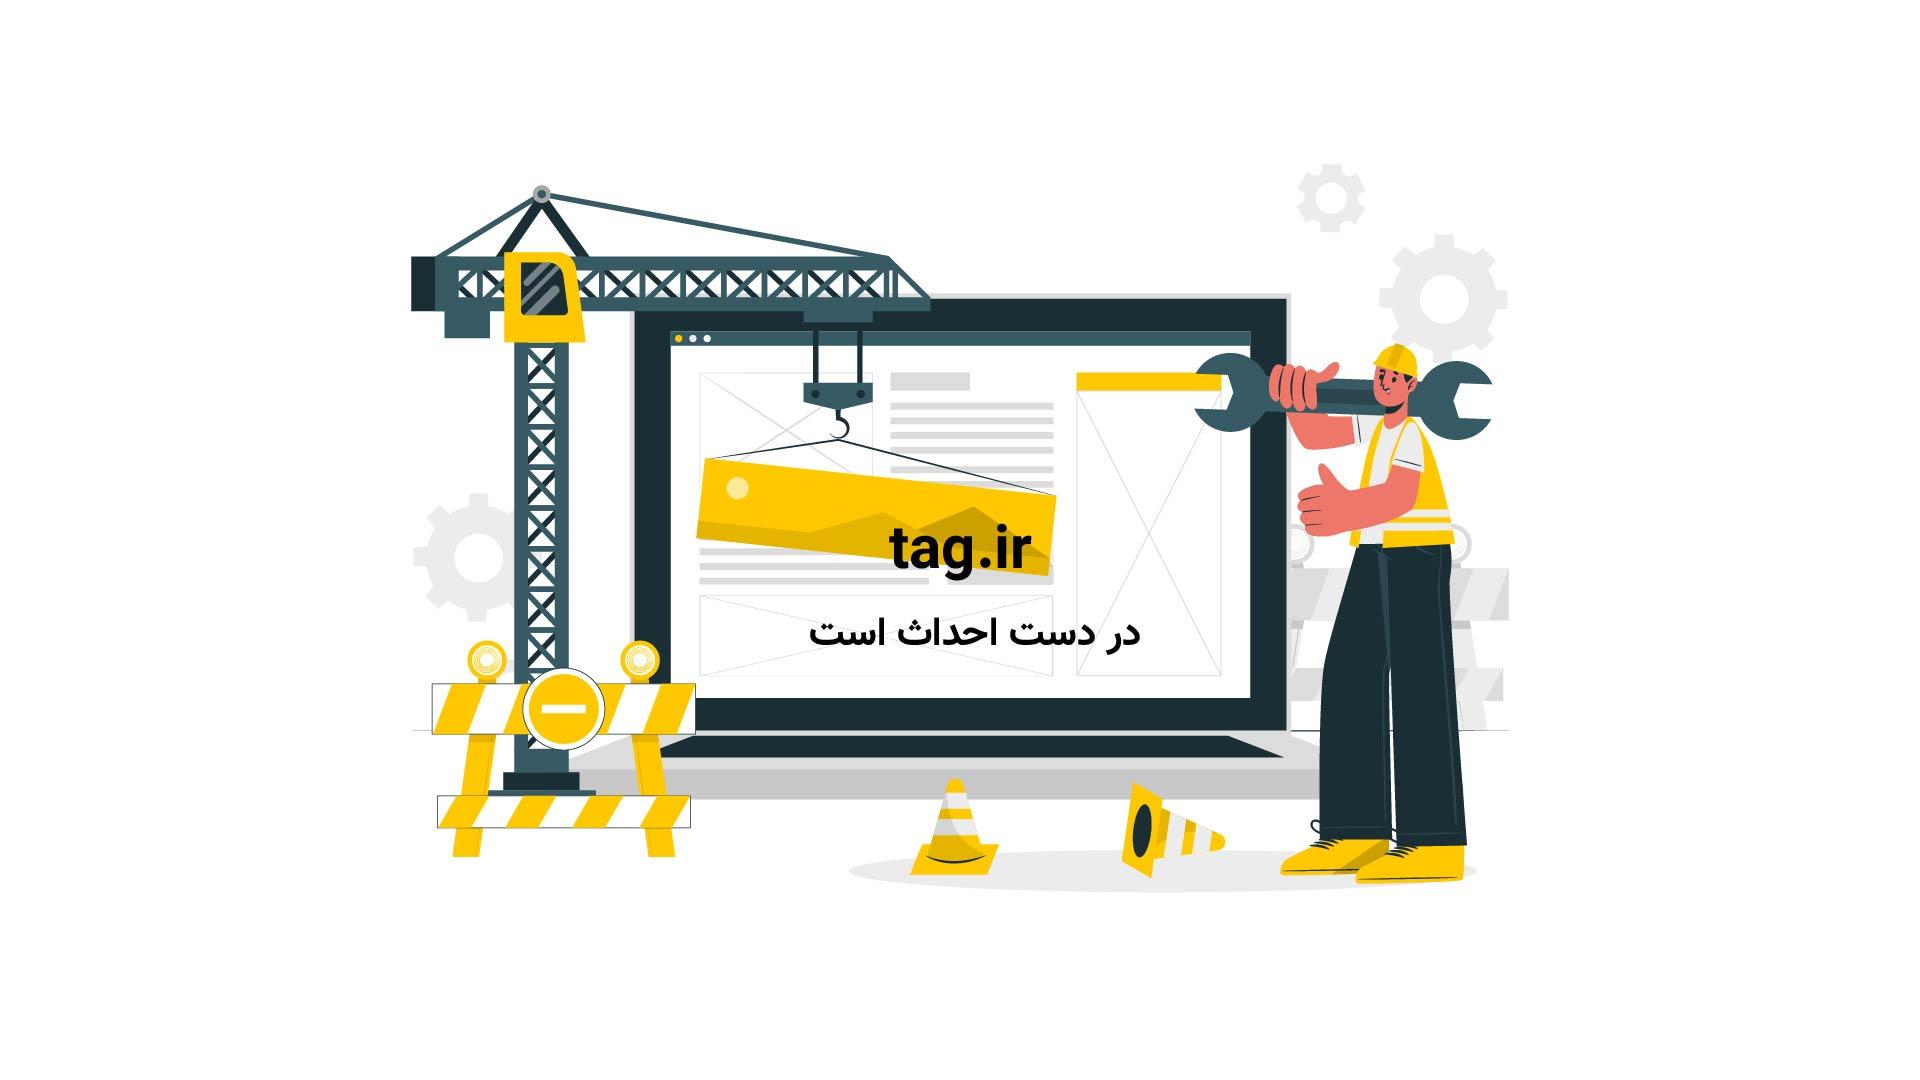 عناوین روزنامههای صبح پنجشنبه 4 آذر | فیلم